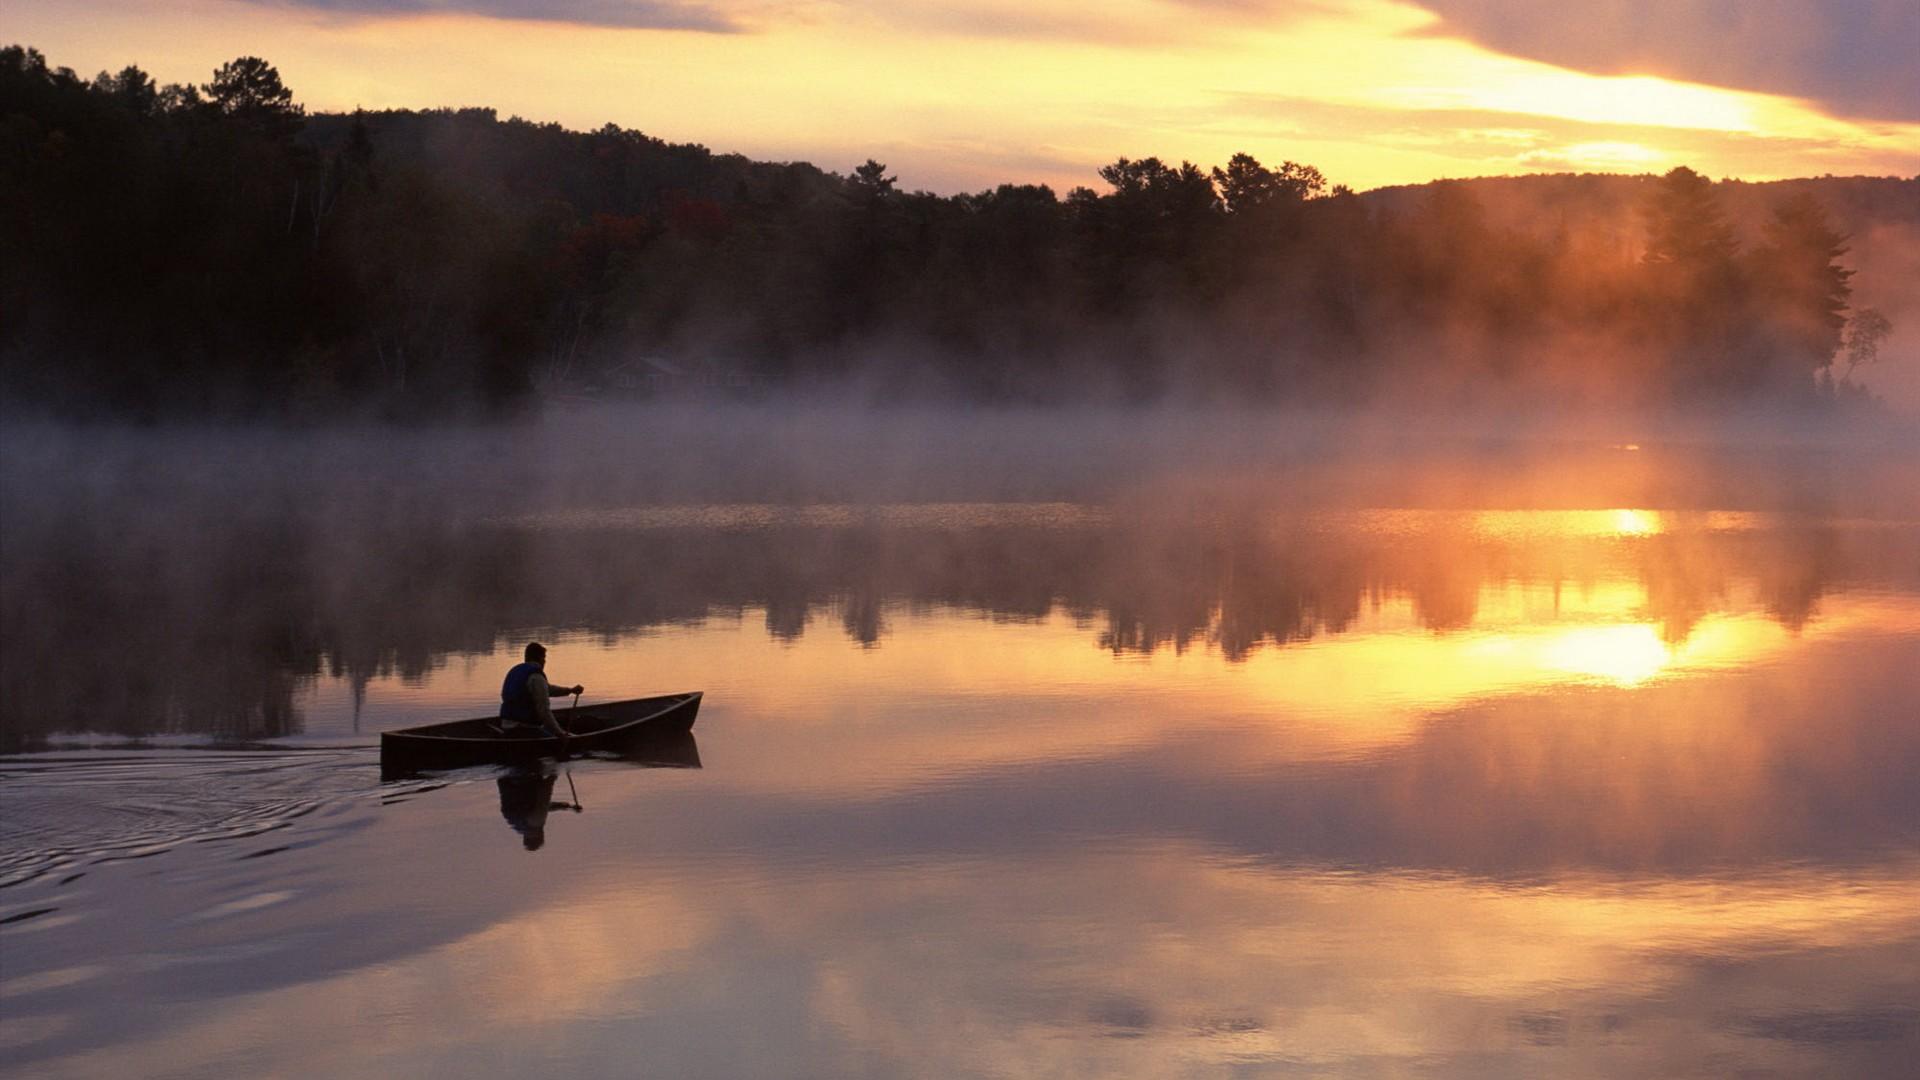 Row Boat on Lake at Sunset